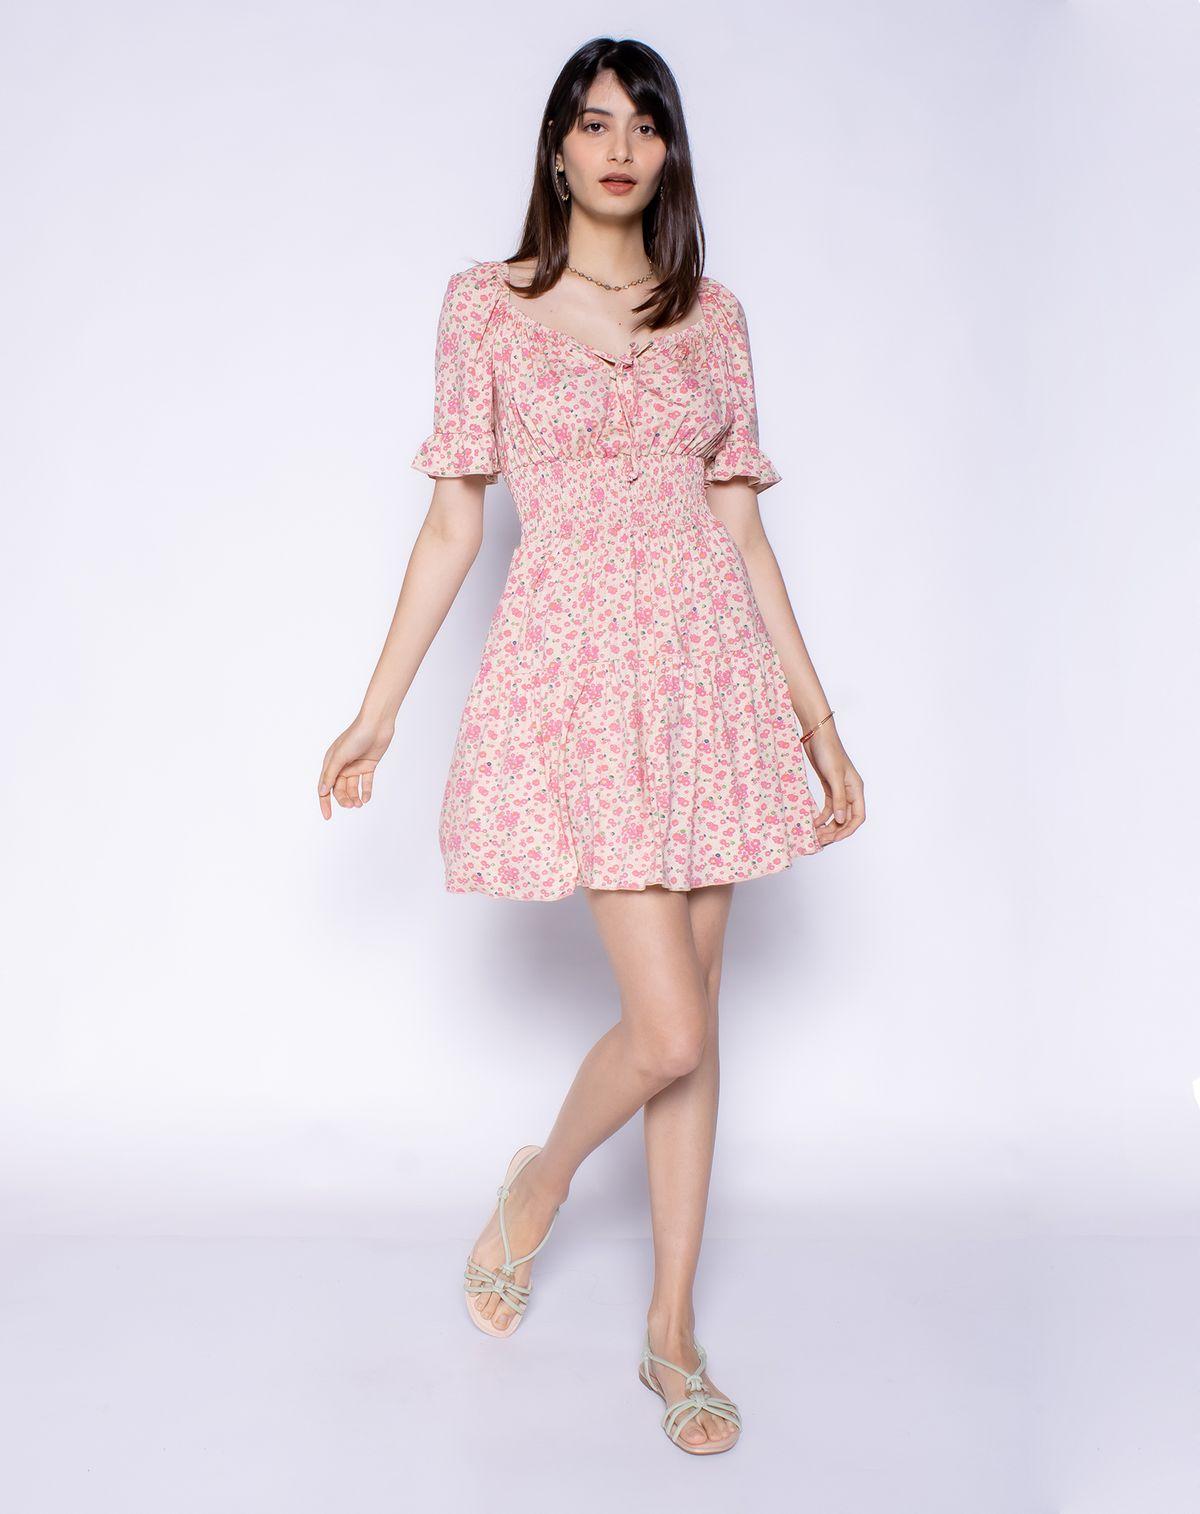 596503003-vestido-curto-ciganinha-feminino-flores-bege-g-ea1